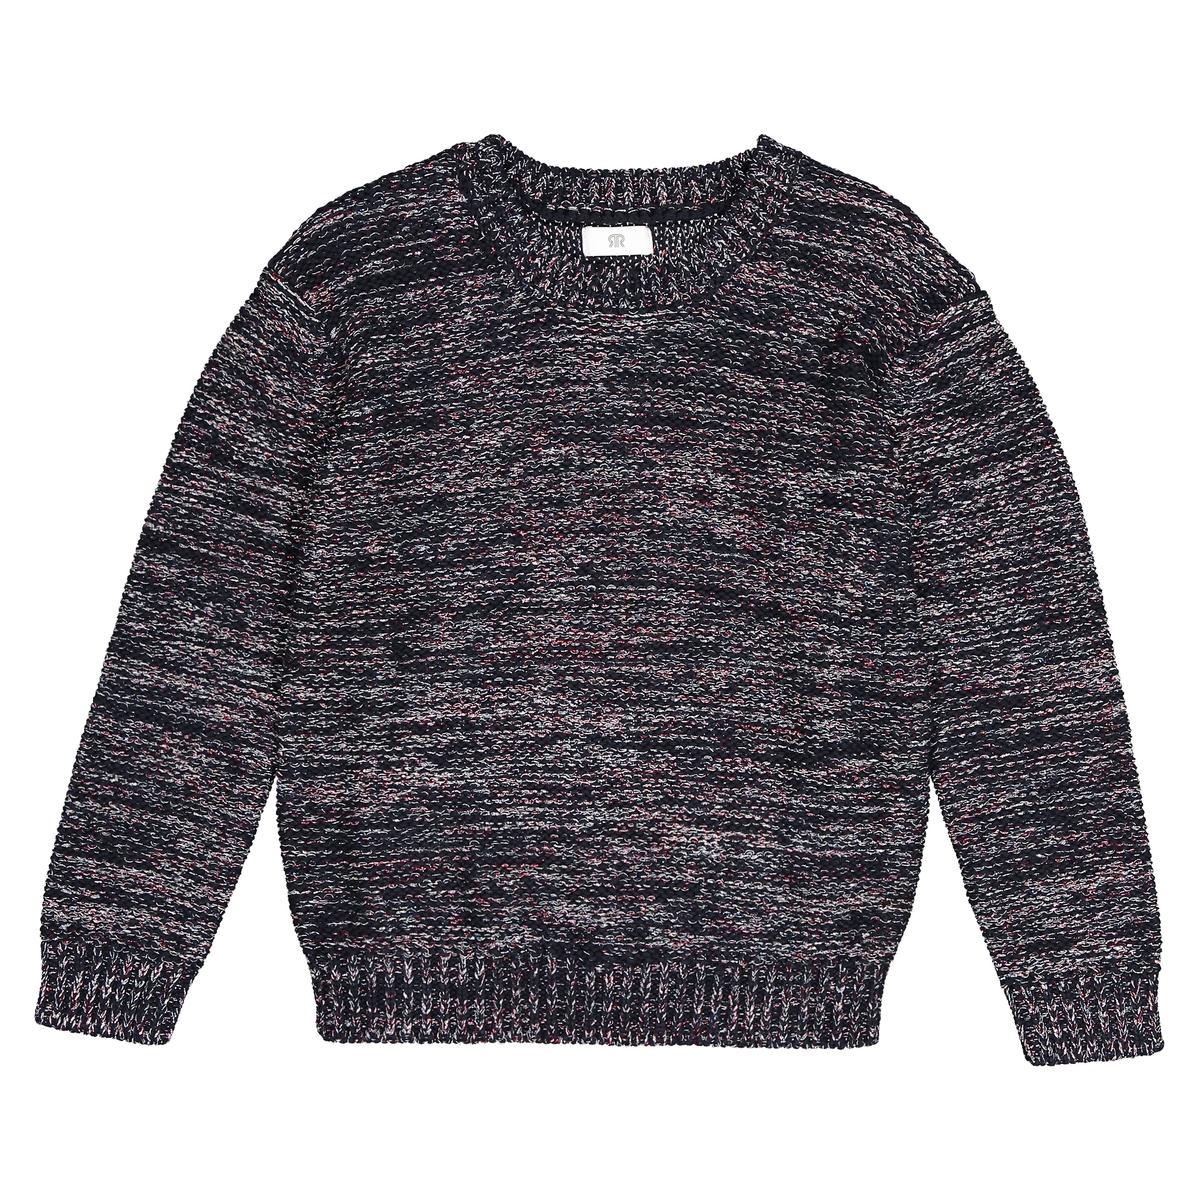 Пуловер La Redoute Из блестящего трикотажа 3 года - 94 см синий пуловер из блестящего трикотажа 3 12 лет